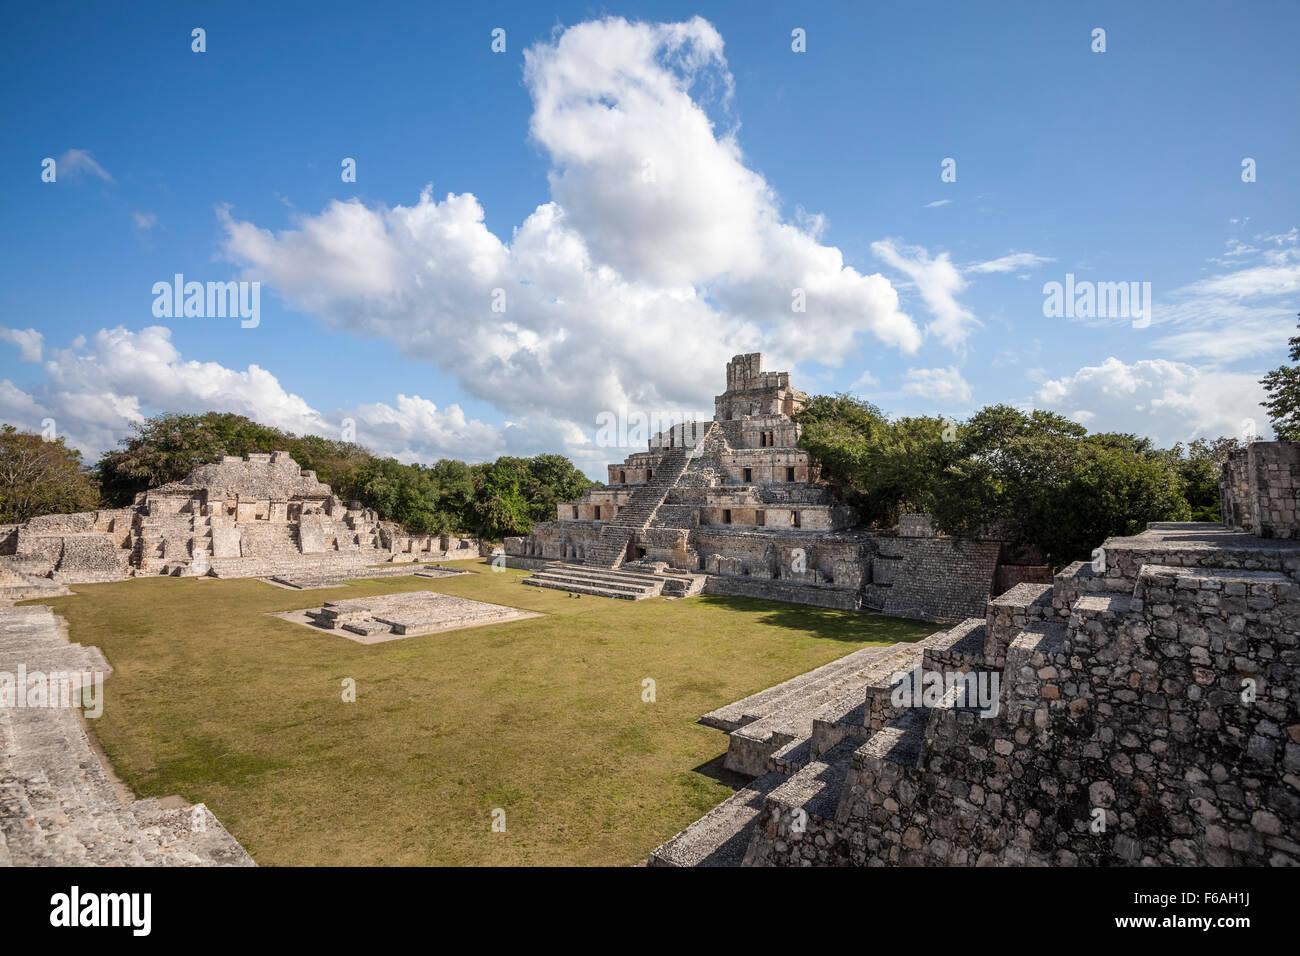 La pyramide de cinq étages et place principale de les ruines maya de edzna, Campeche, Mexique. Photo Stock